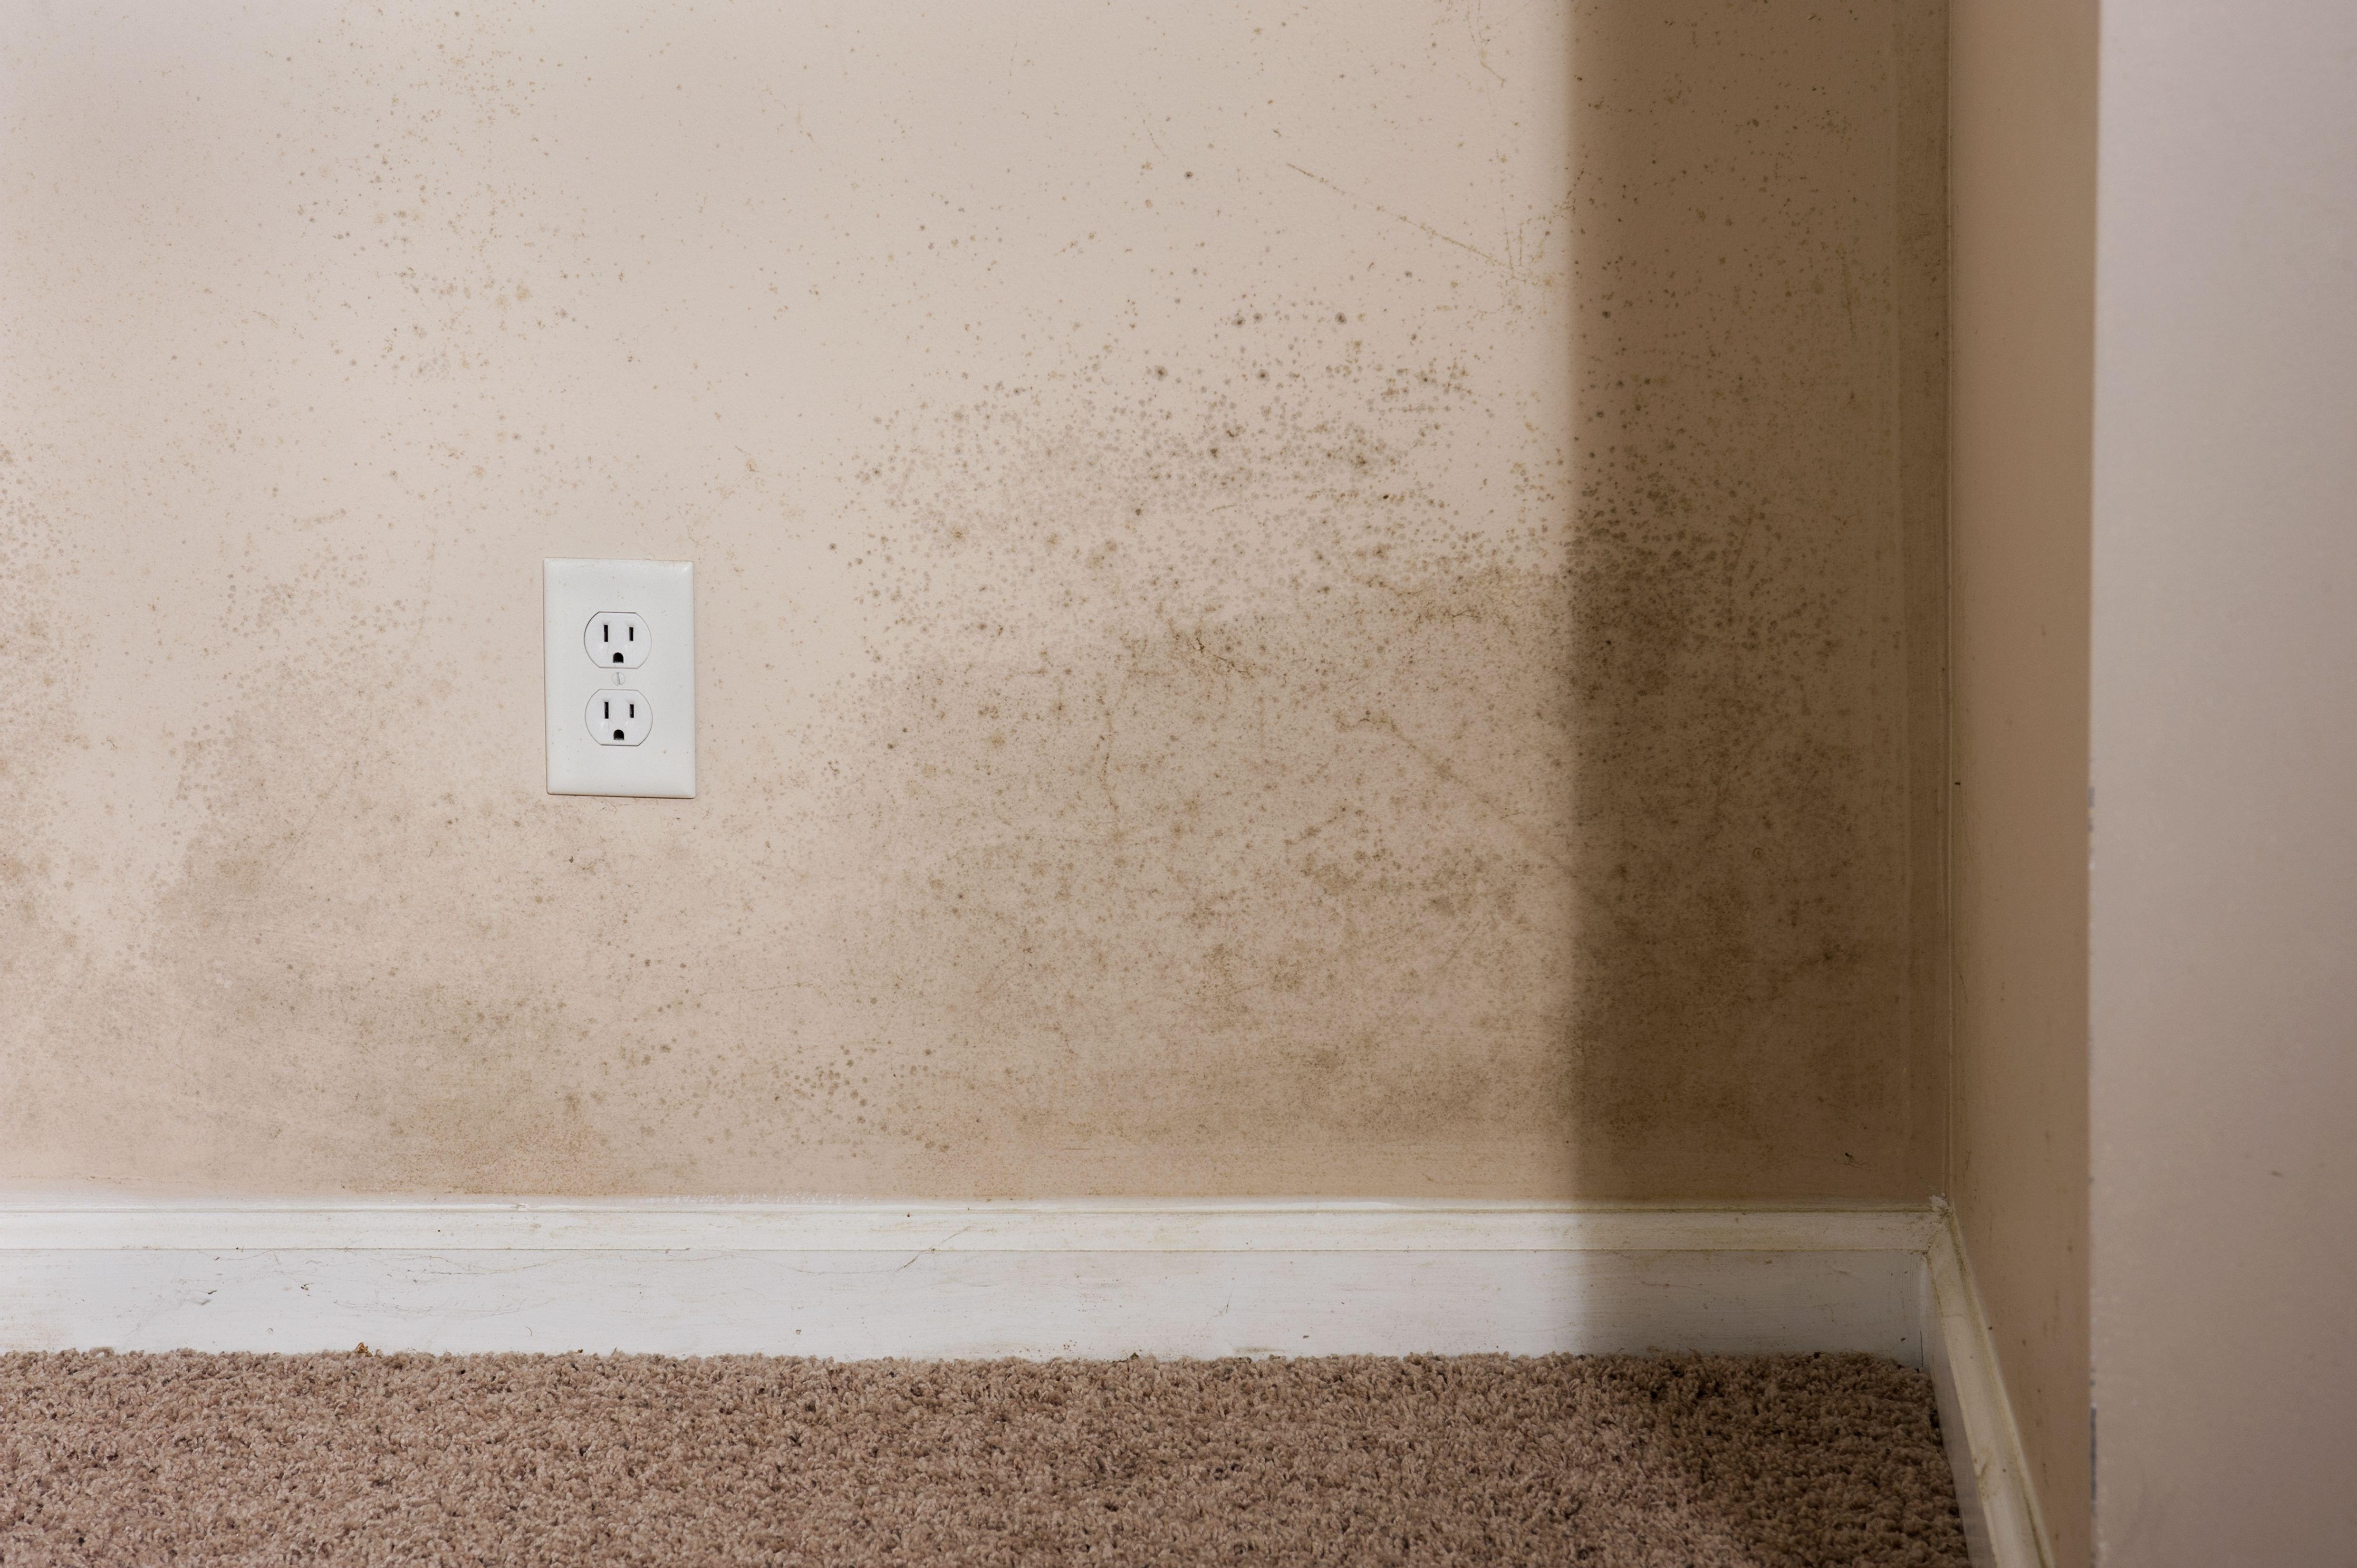 hardwood floor over concrete basement of white mold on basement floor intended for home interior mold e5f9b5815d9ddf60d white mold on basement